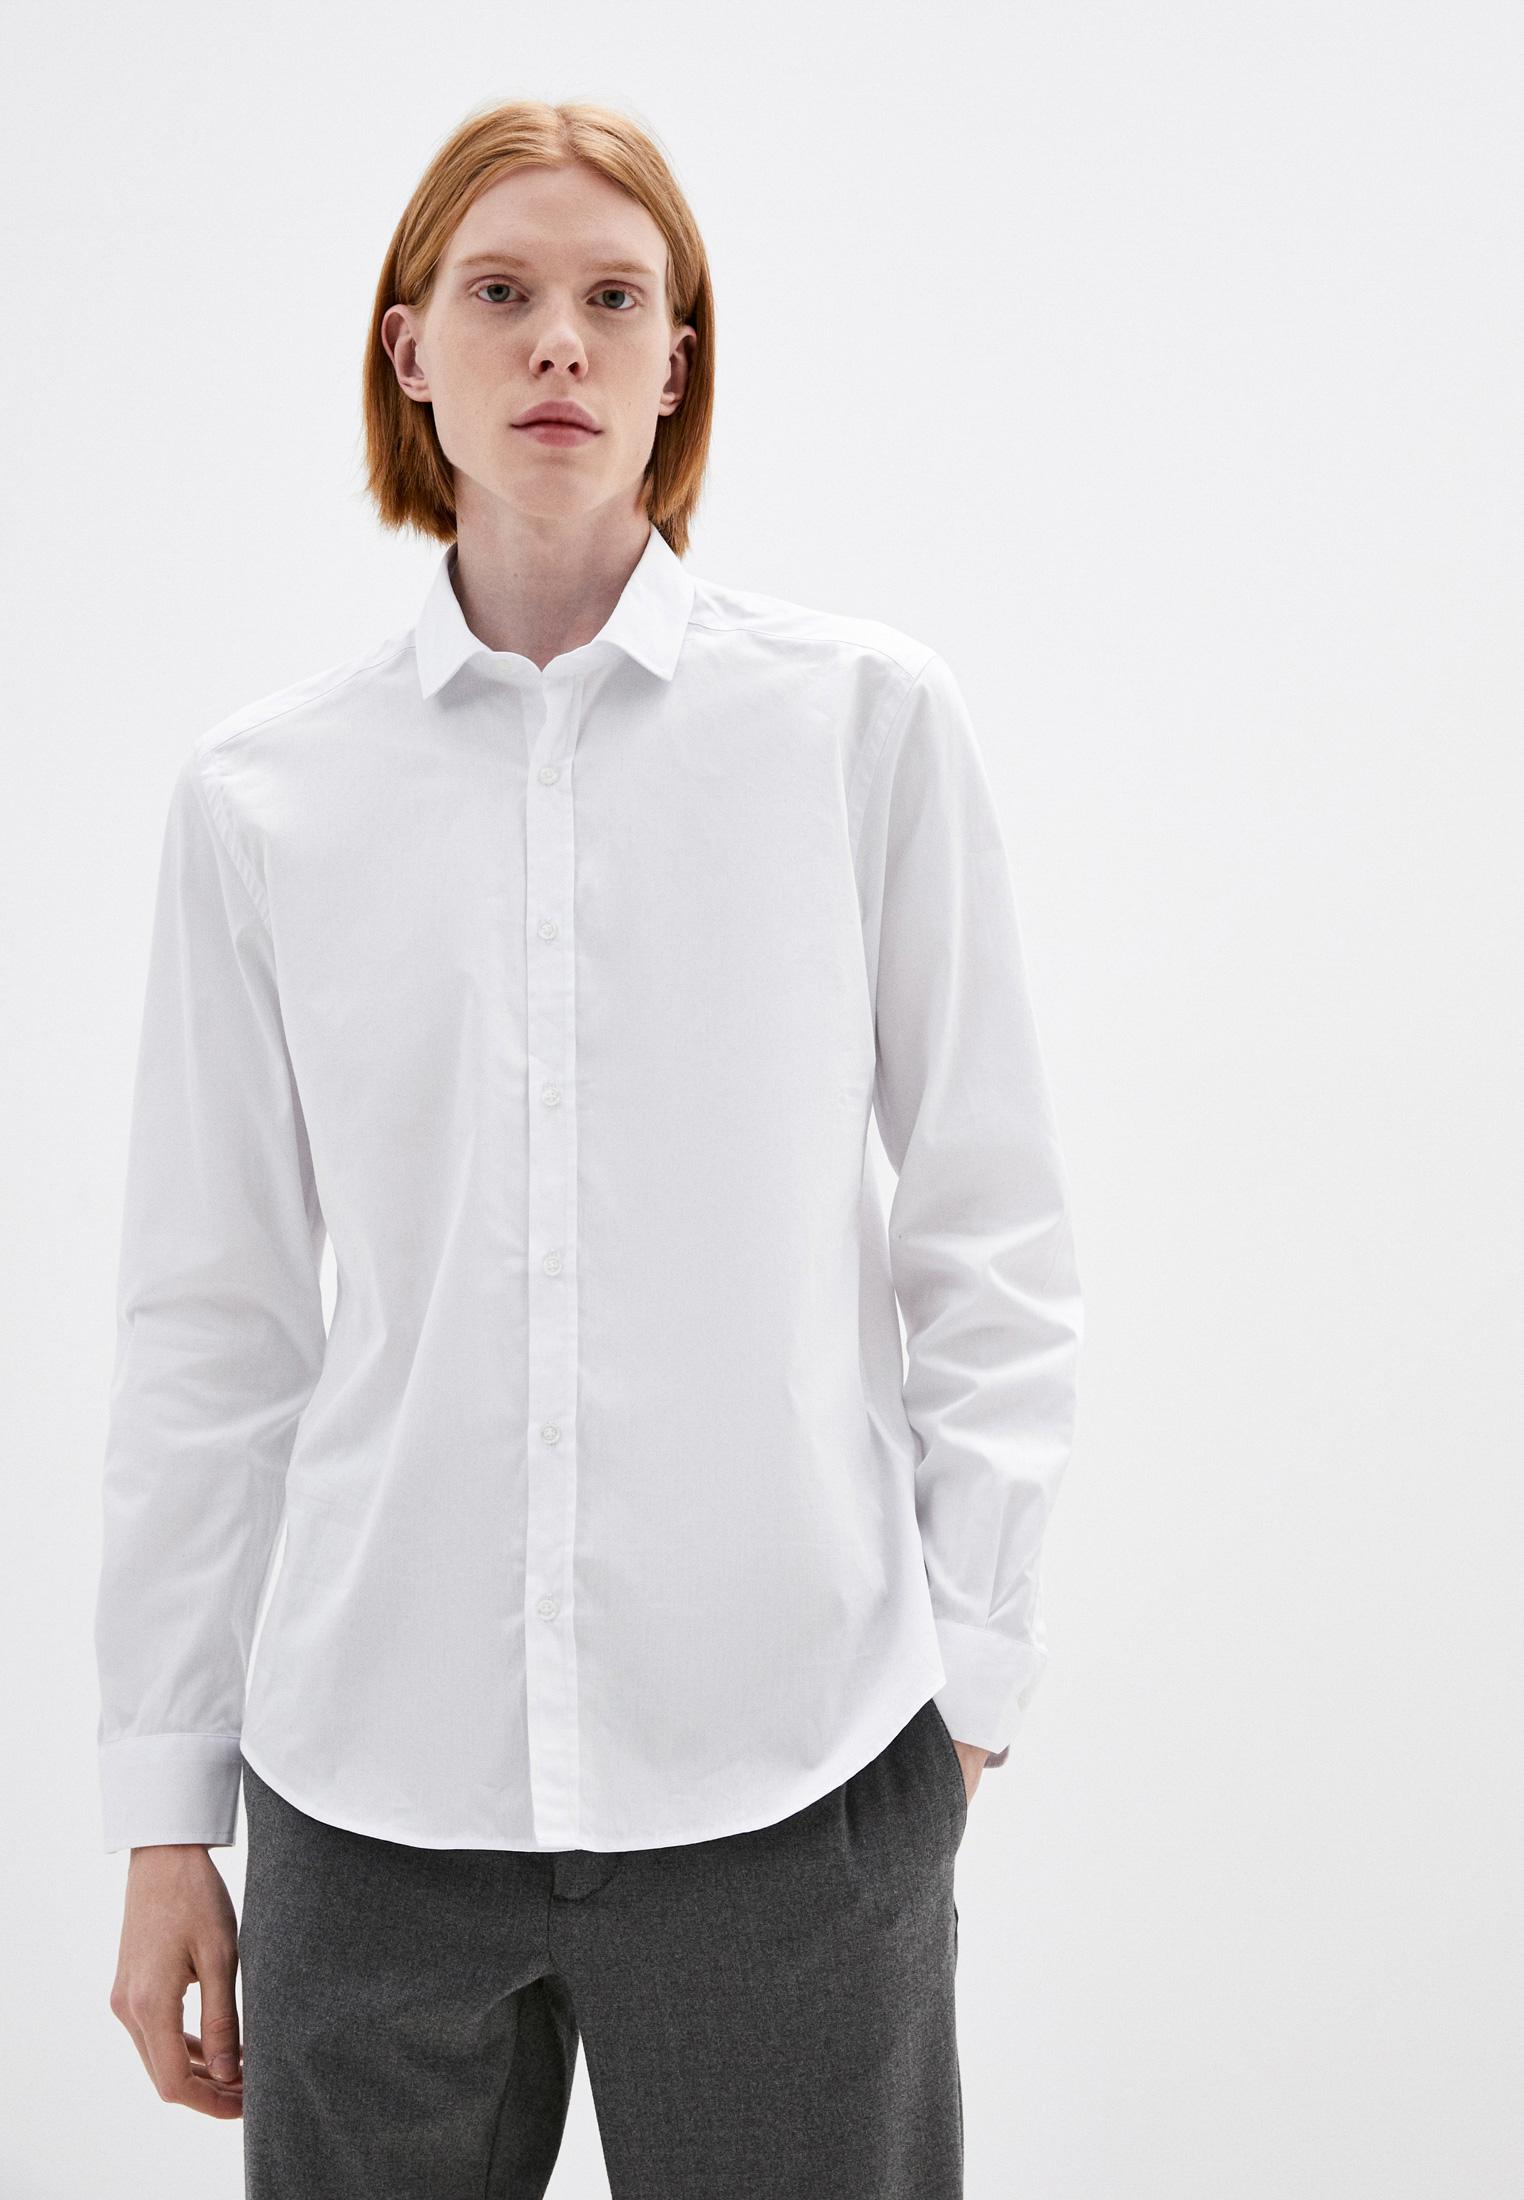 Рубашка с длинным рукавом Basics & More BA455042